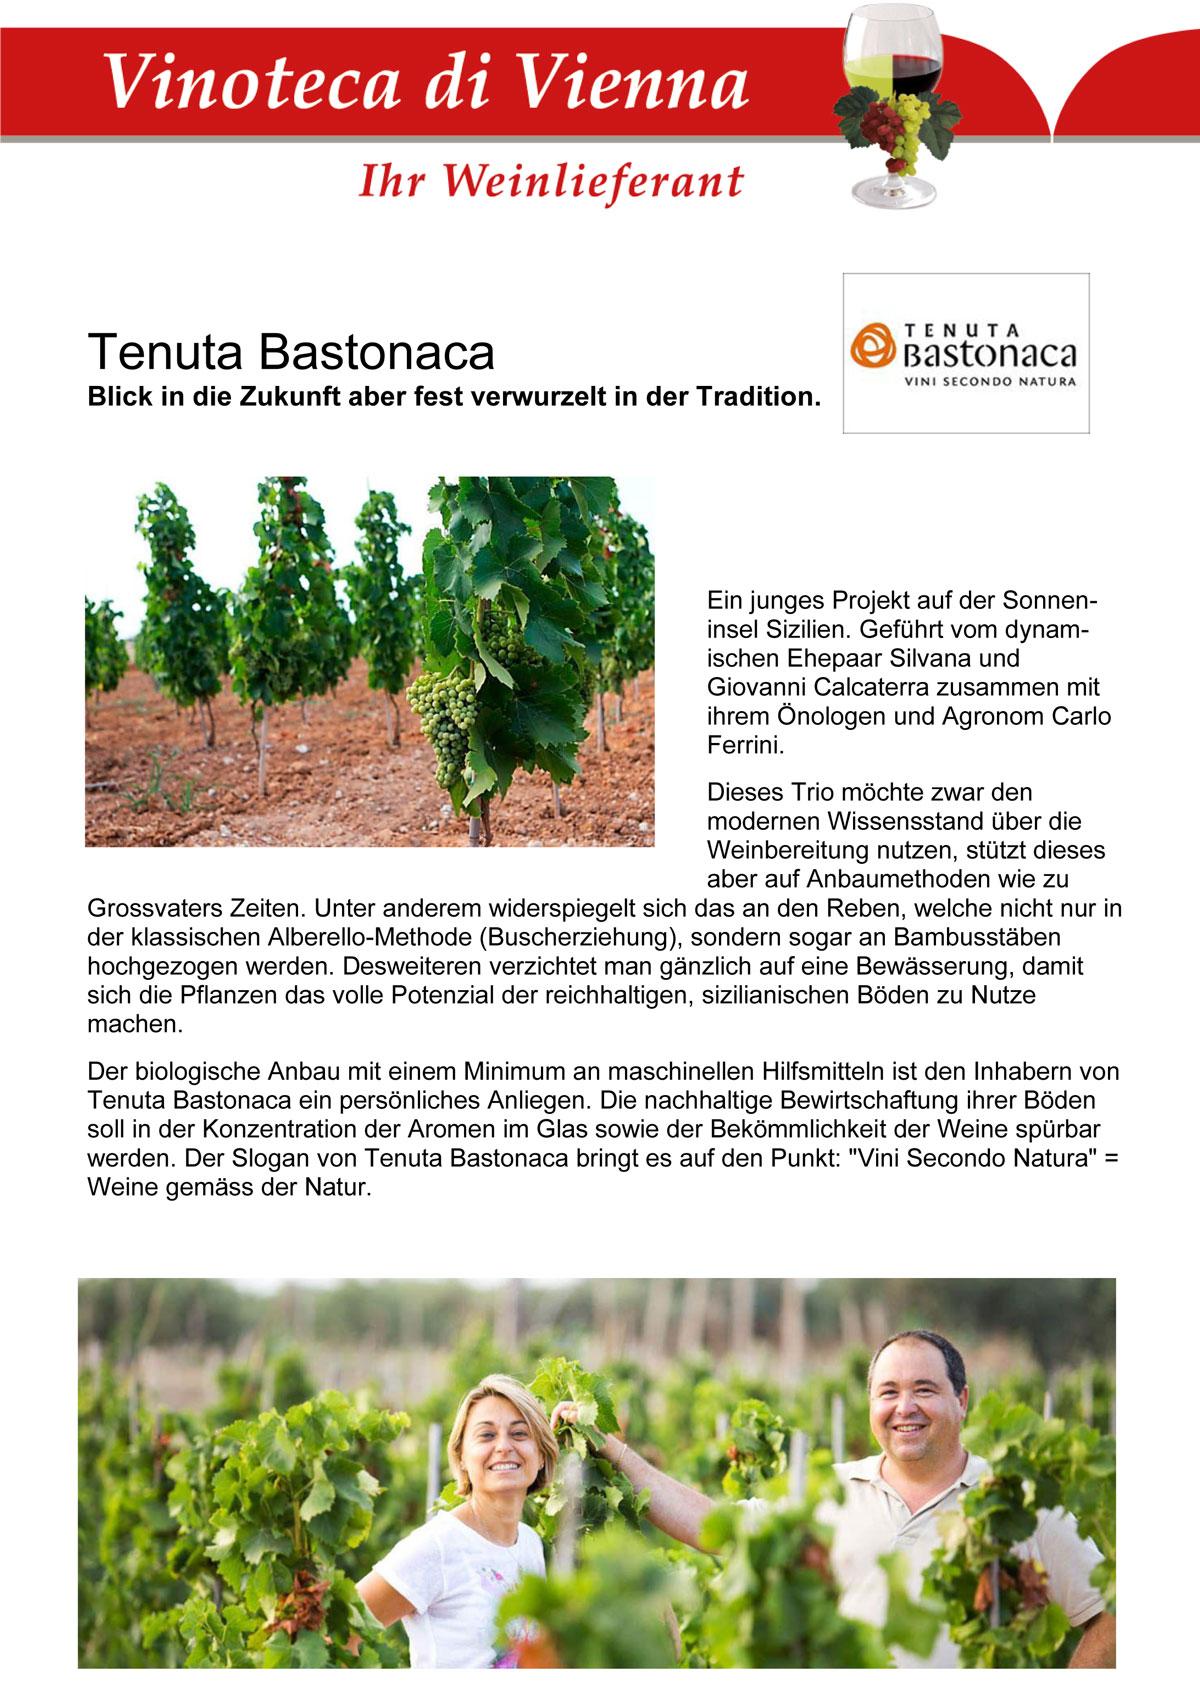 Tenuta Bastonaca, Blick in die Zukunft aber fest verwurzelt in der Tradition.